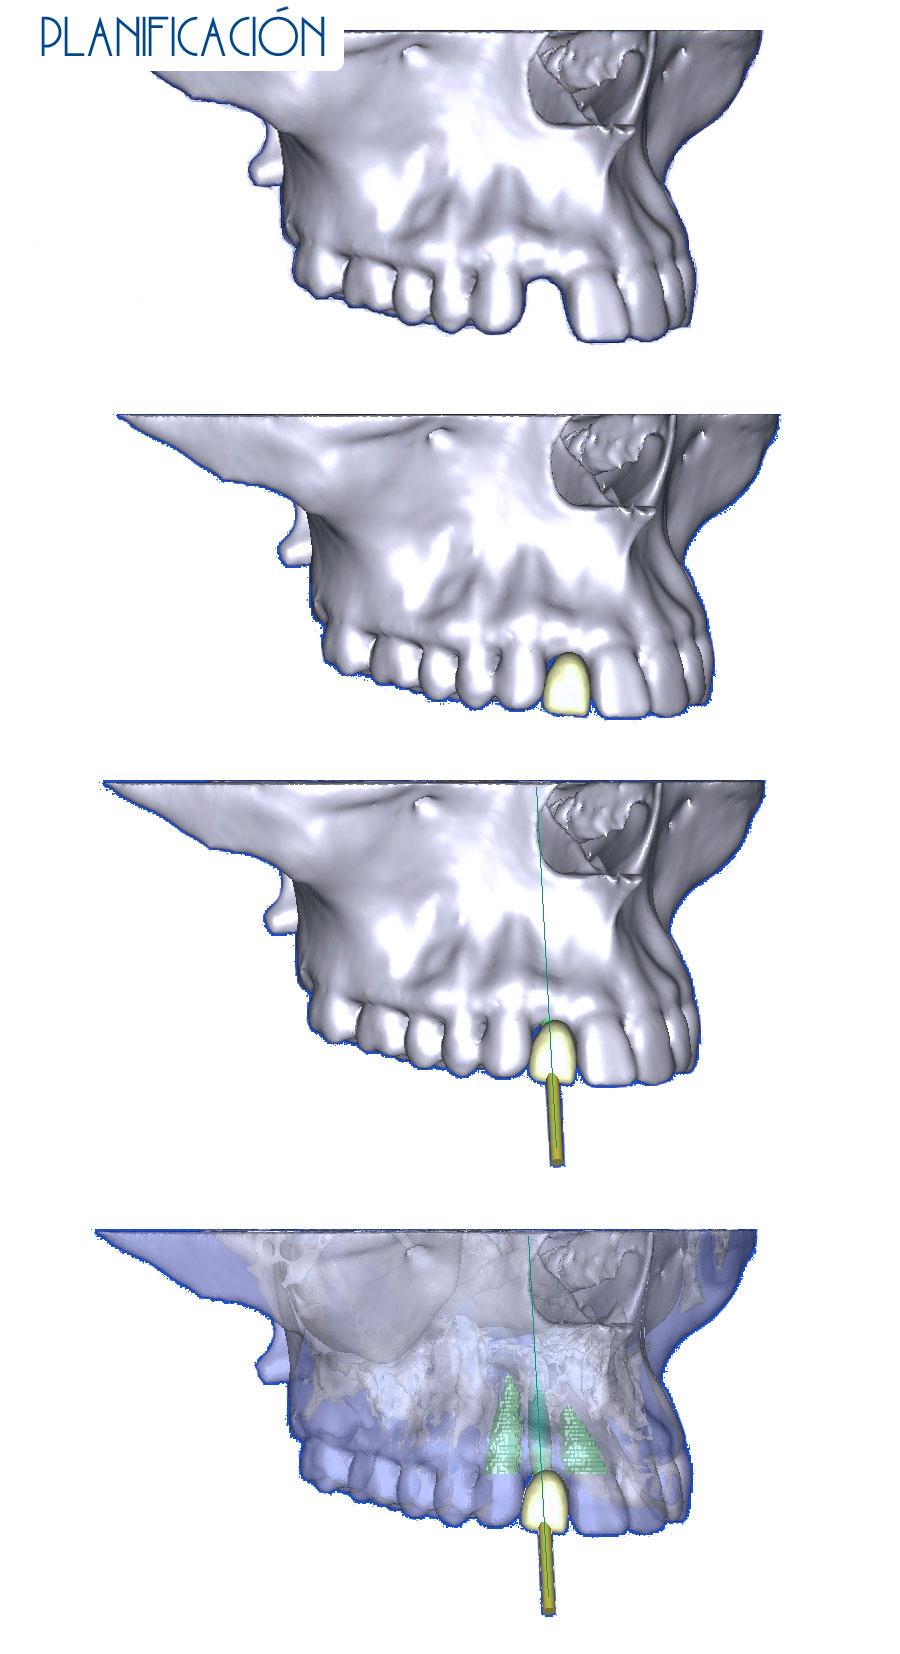 Planificación - Agenesia lateral más implante más cosmética dental